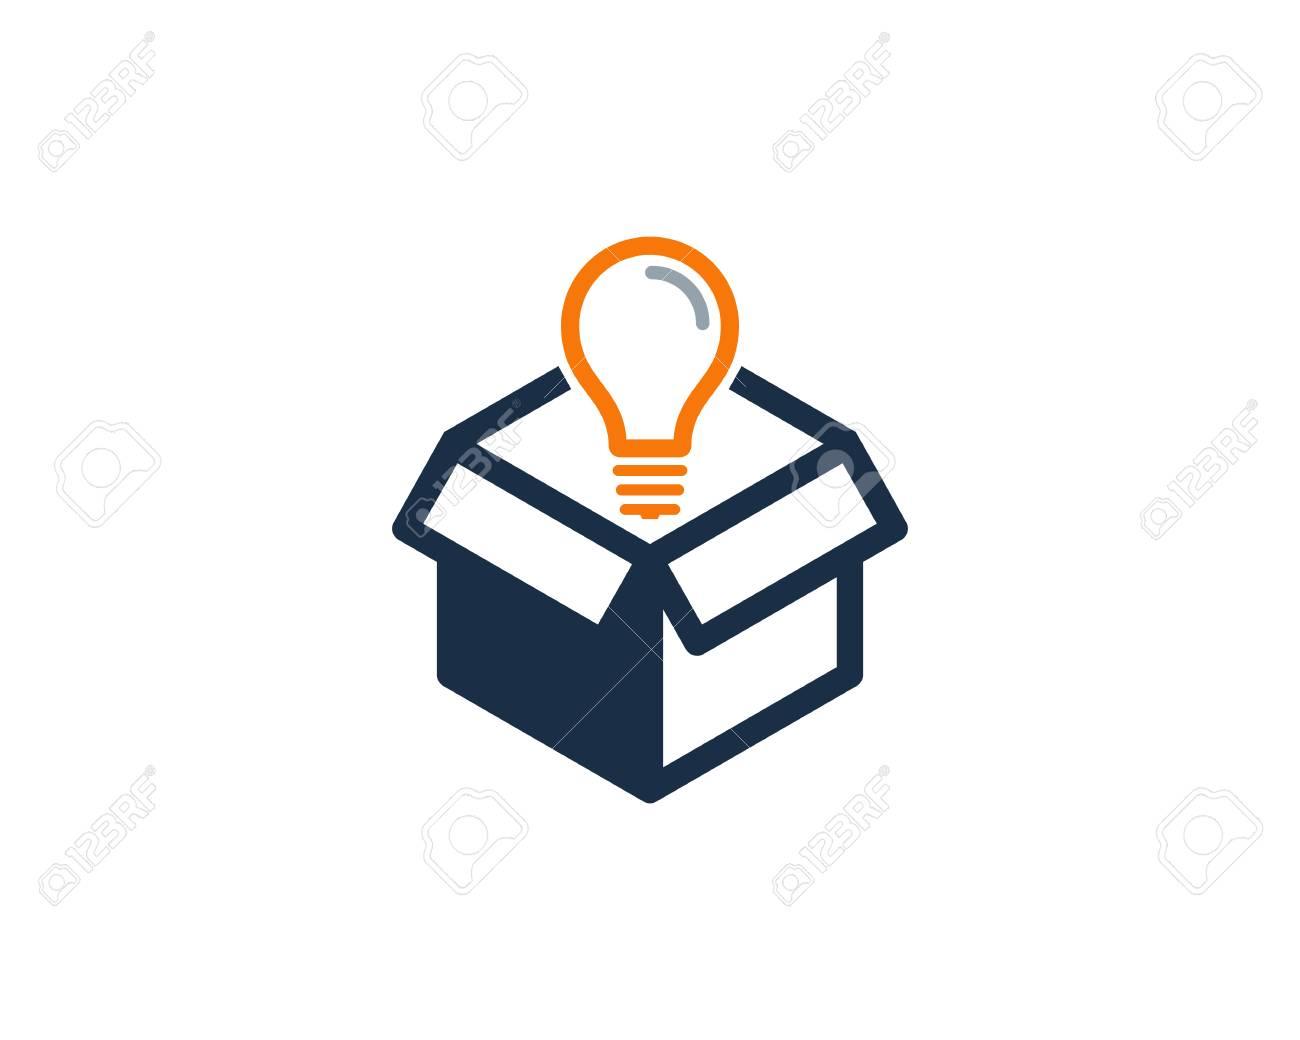 Creative Box Icon Design illustration - 101221683